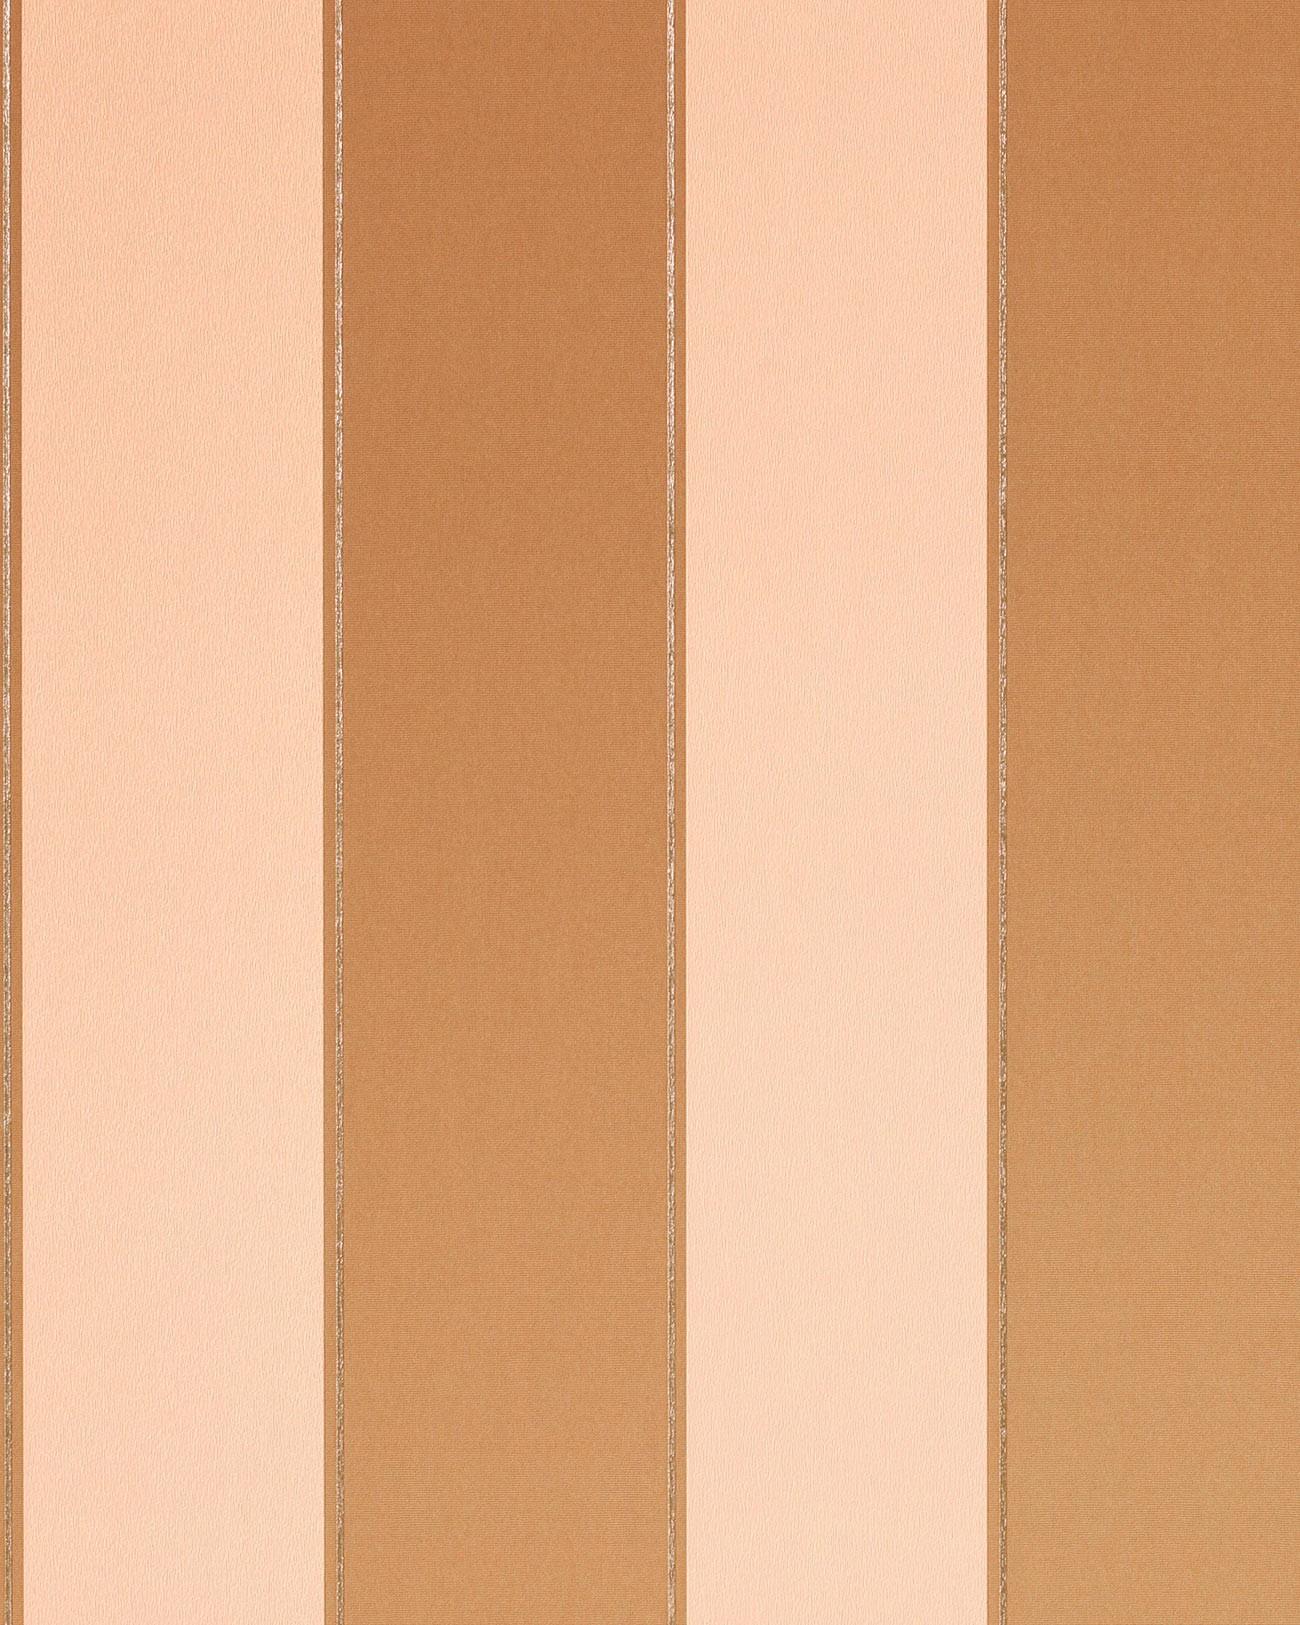 Edem 771 32 papier peint n o baroque ray brun clair brun - Papier peint intisse a peindre ...